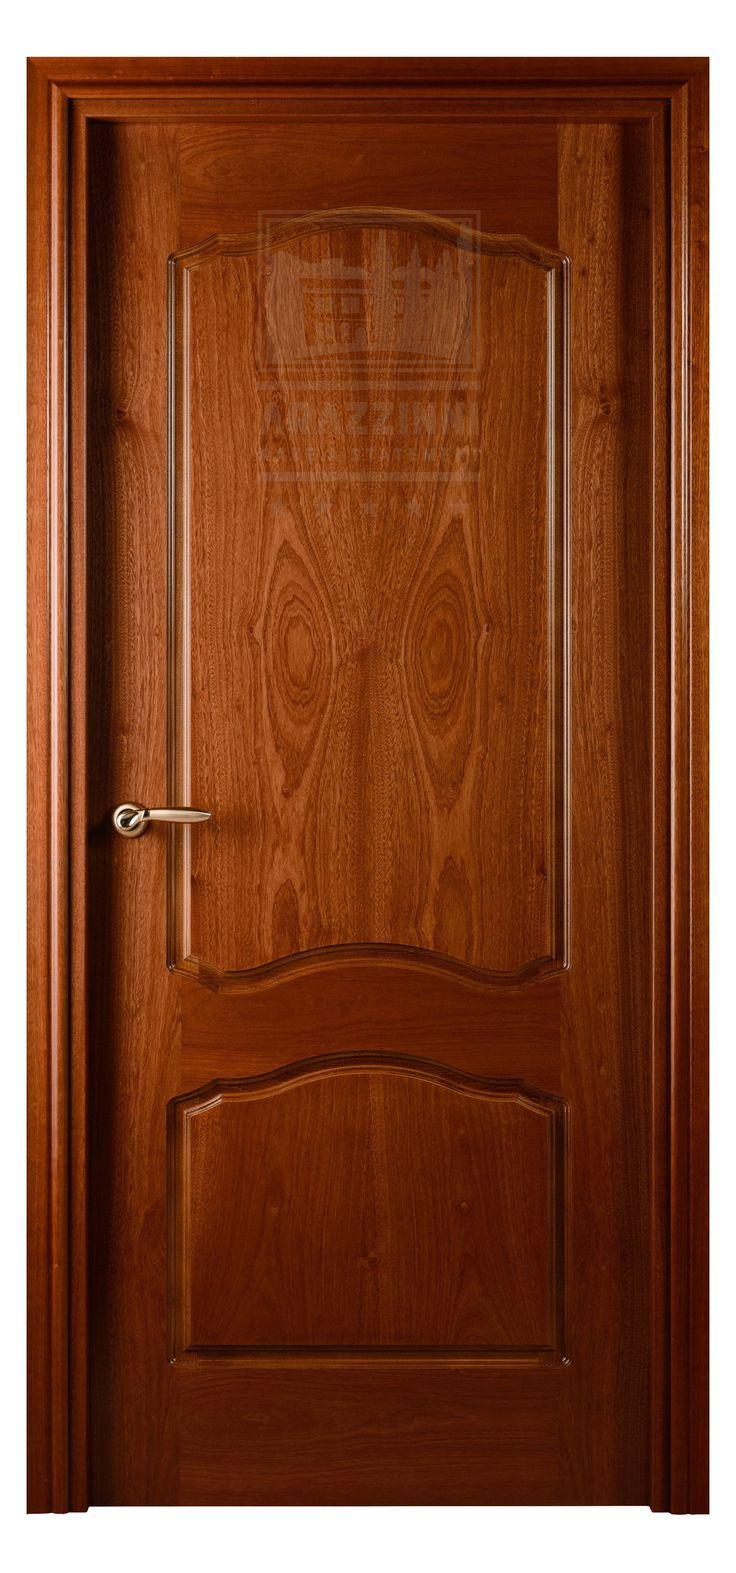 Arazzinni Desta Verra Interior Door In Sapele Finish